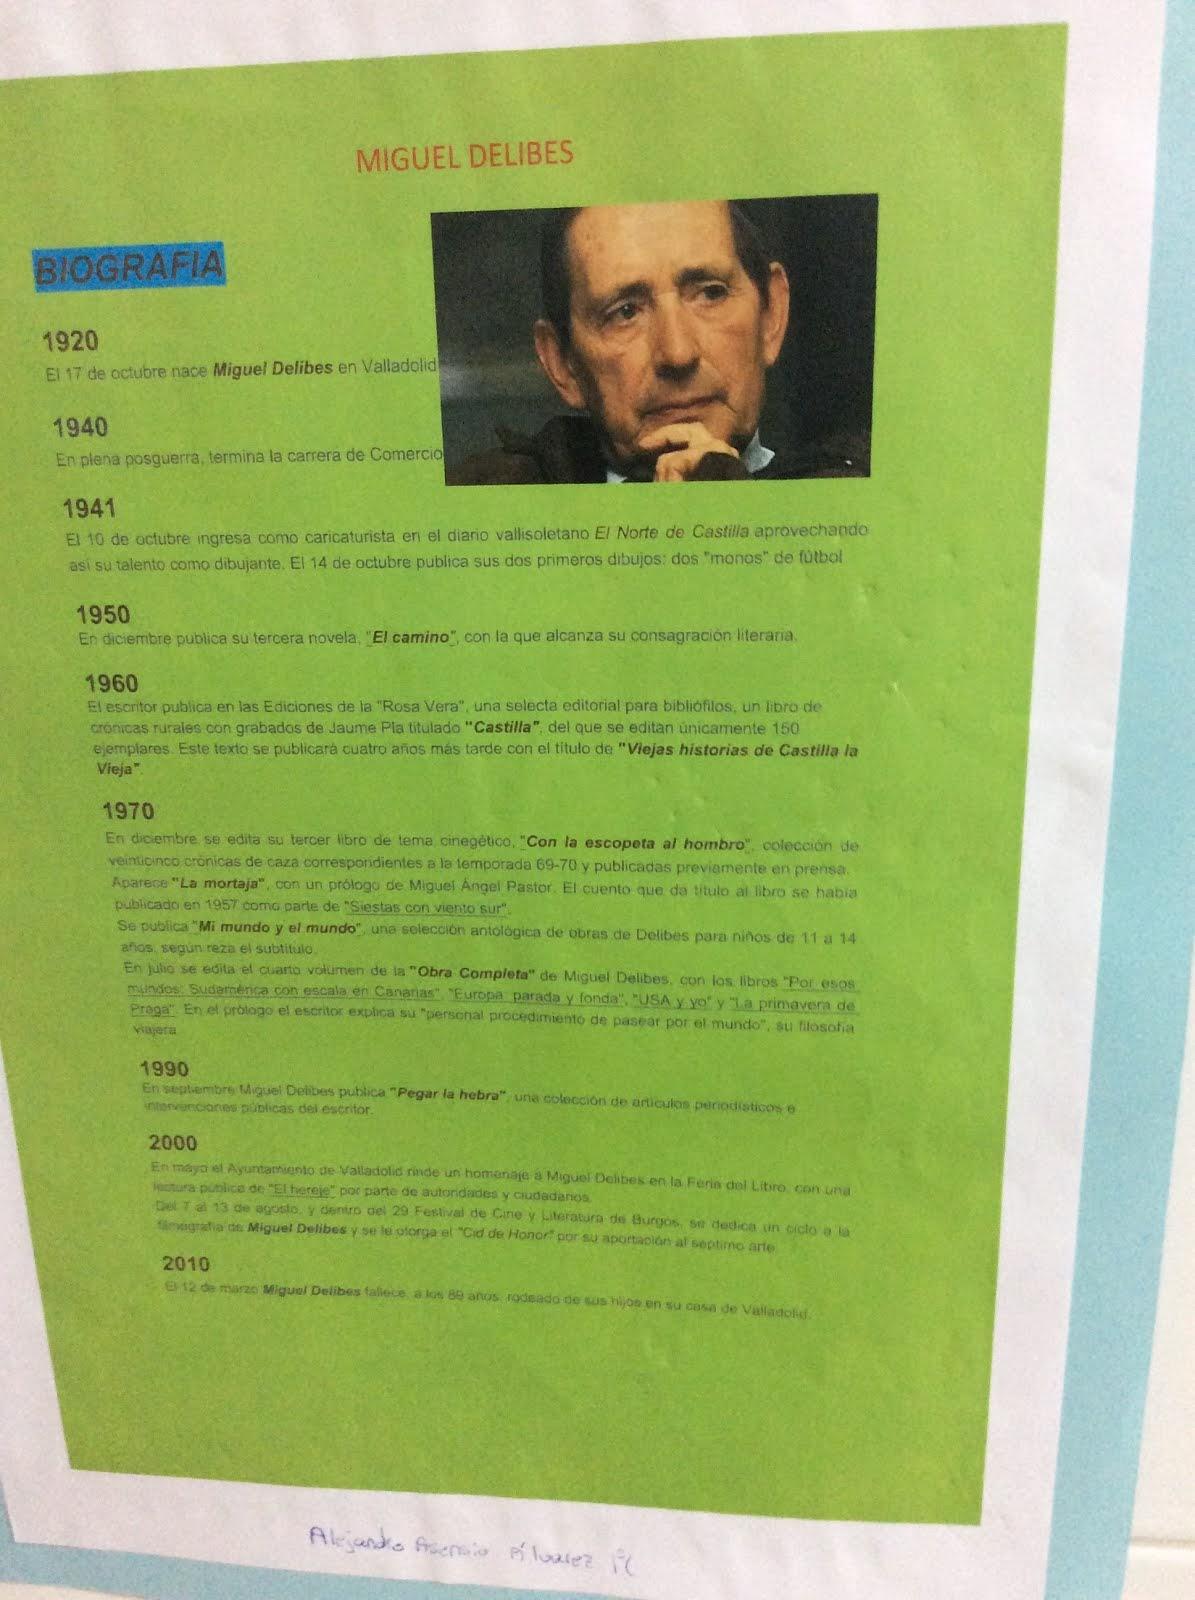 Grandes escritores decoran nuestros pasillos gracias a nuestros grandes alumnos.